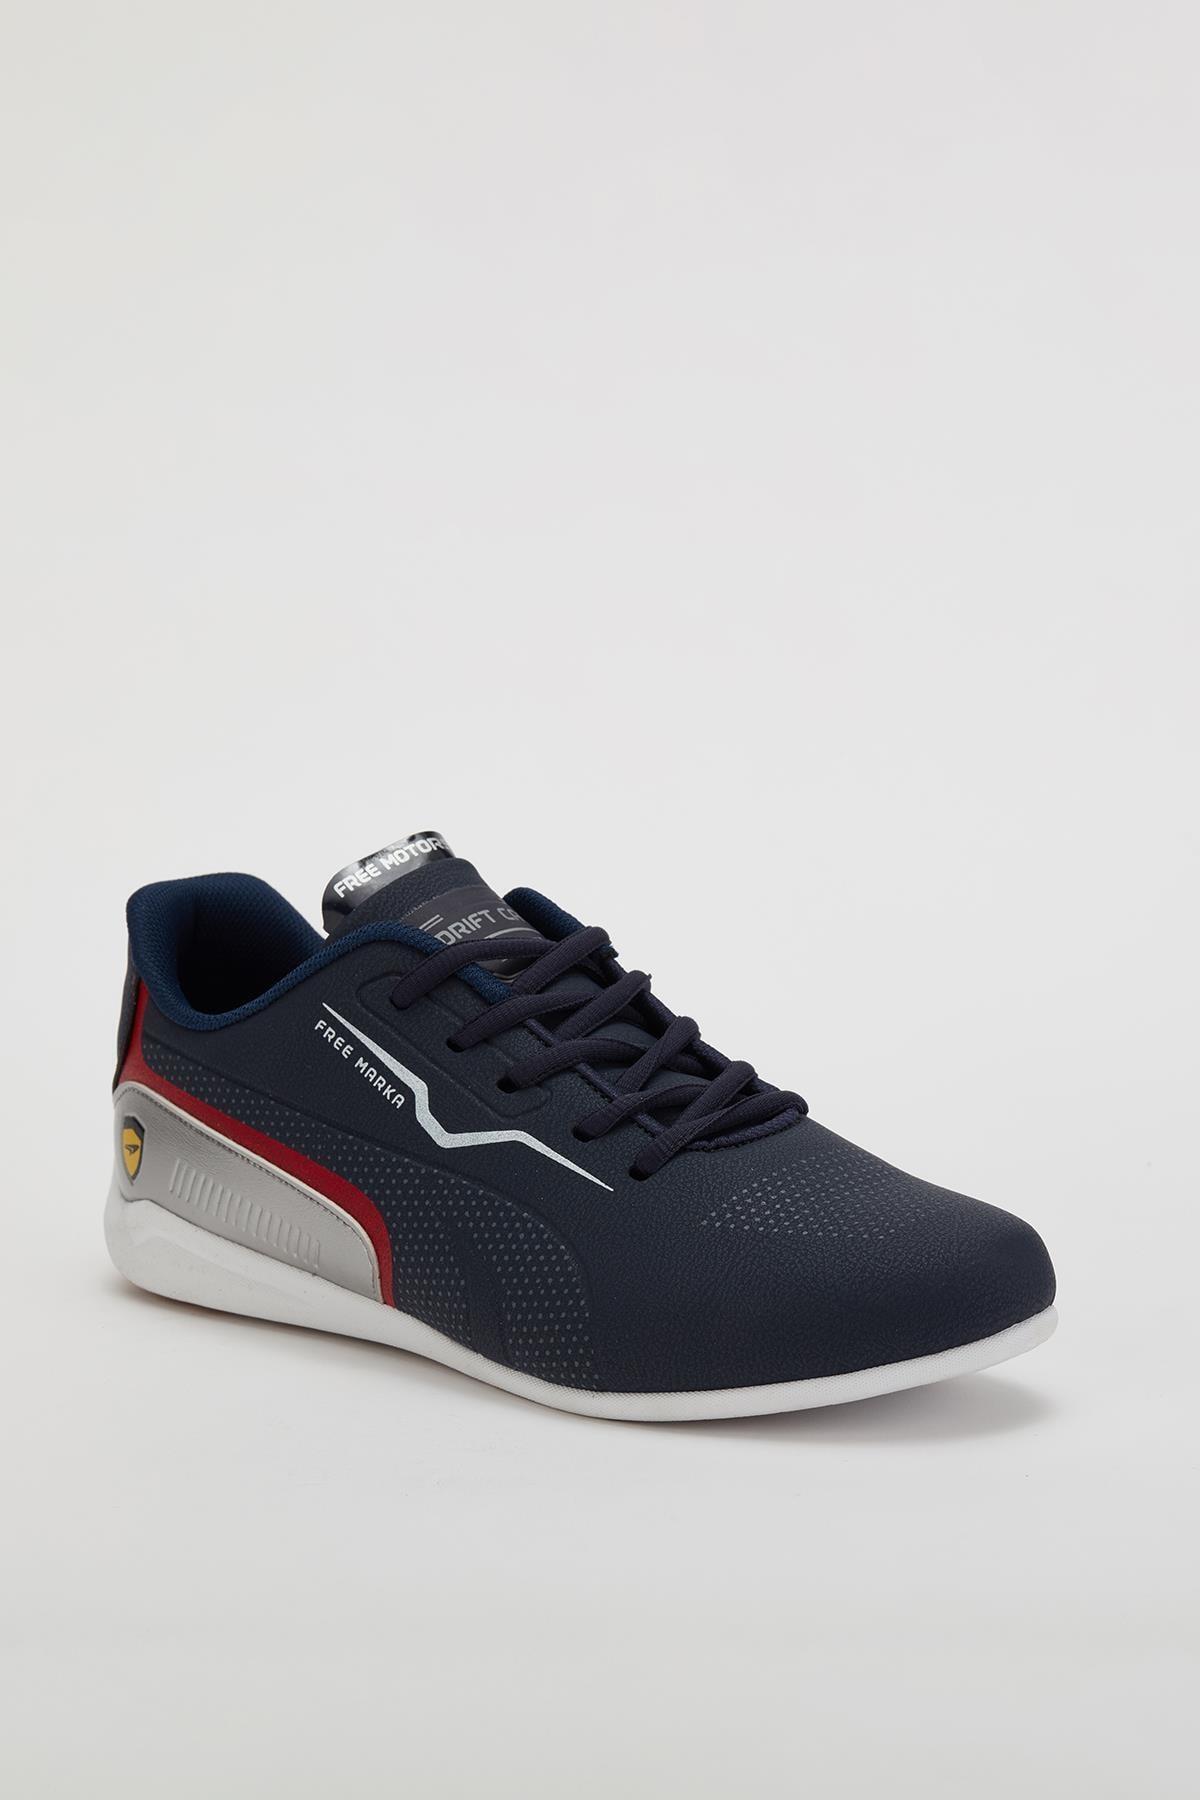 MUGGO Erkek Sneaker Ayakkabı 1